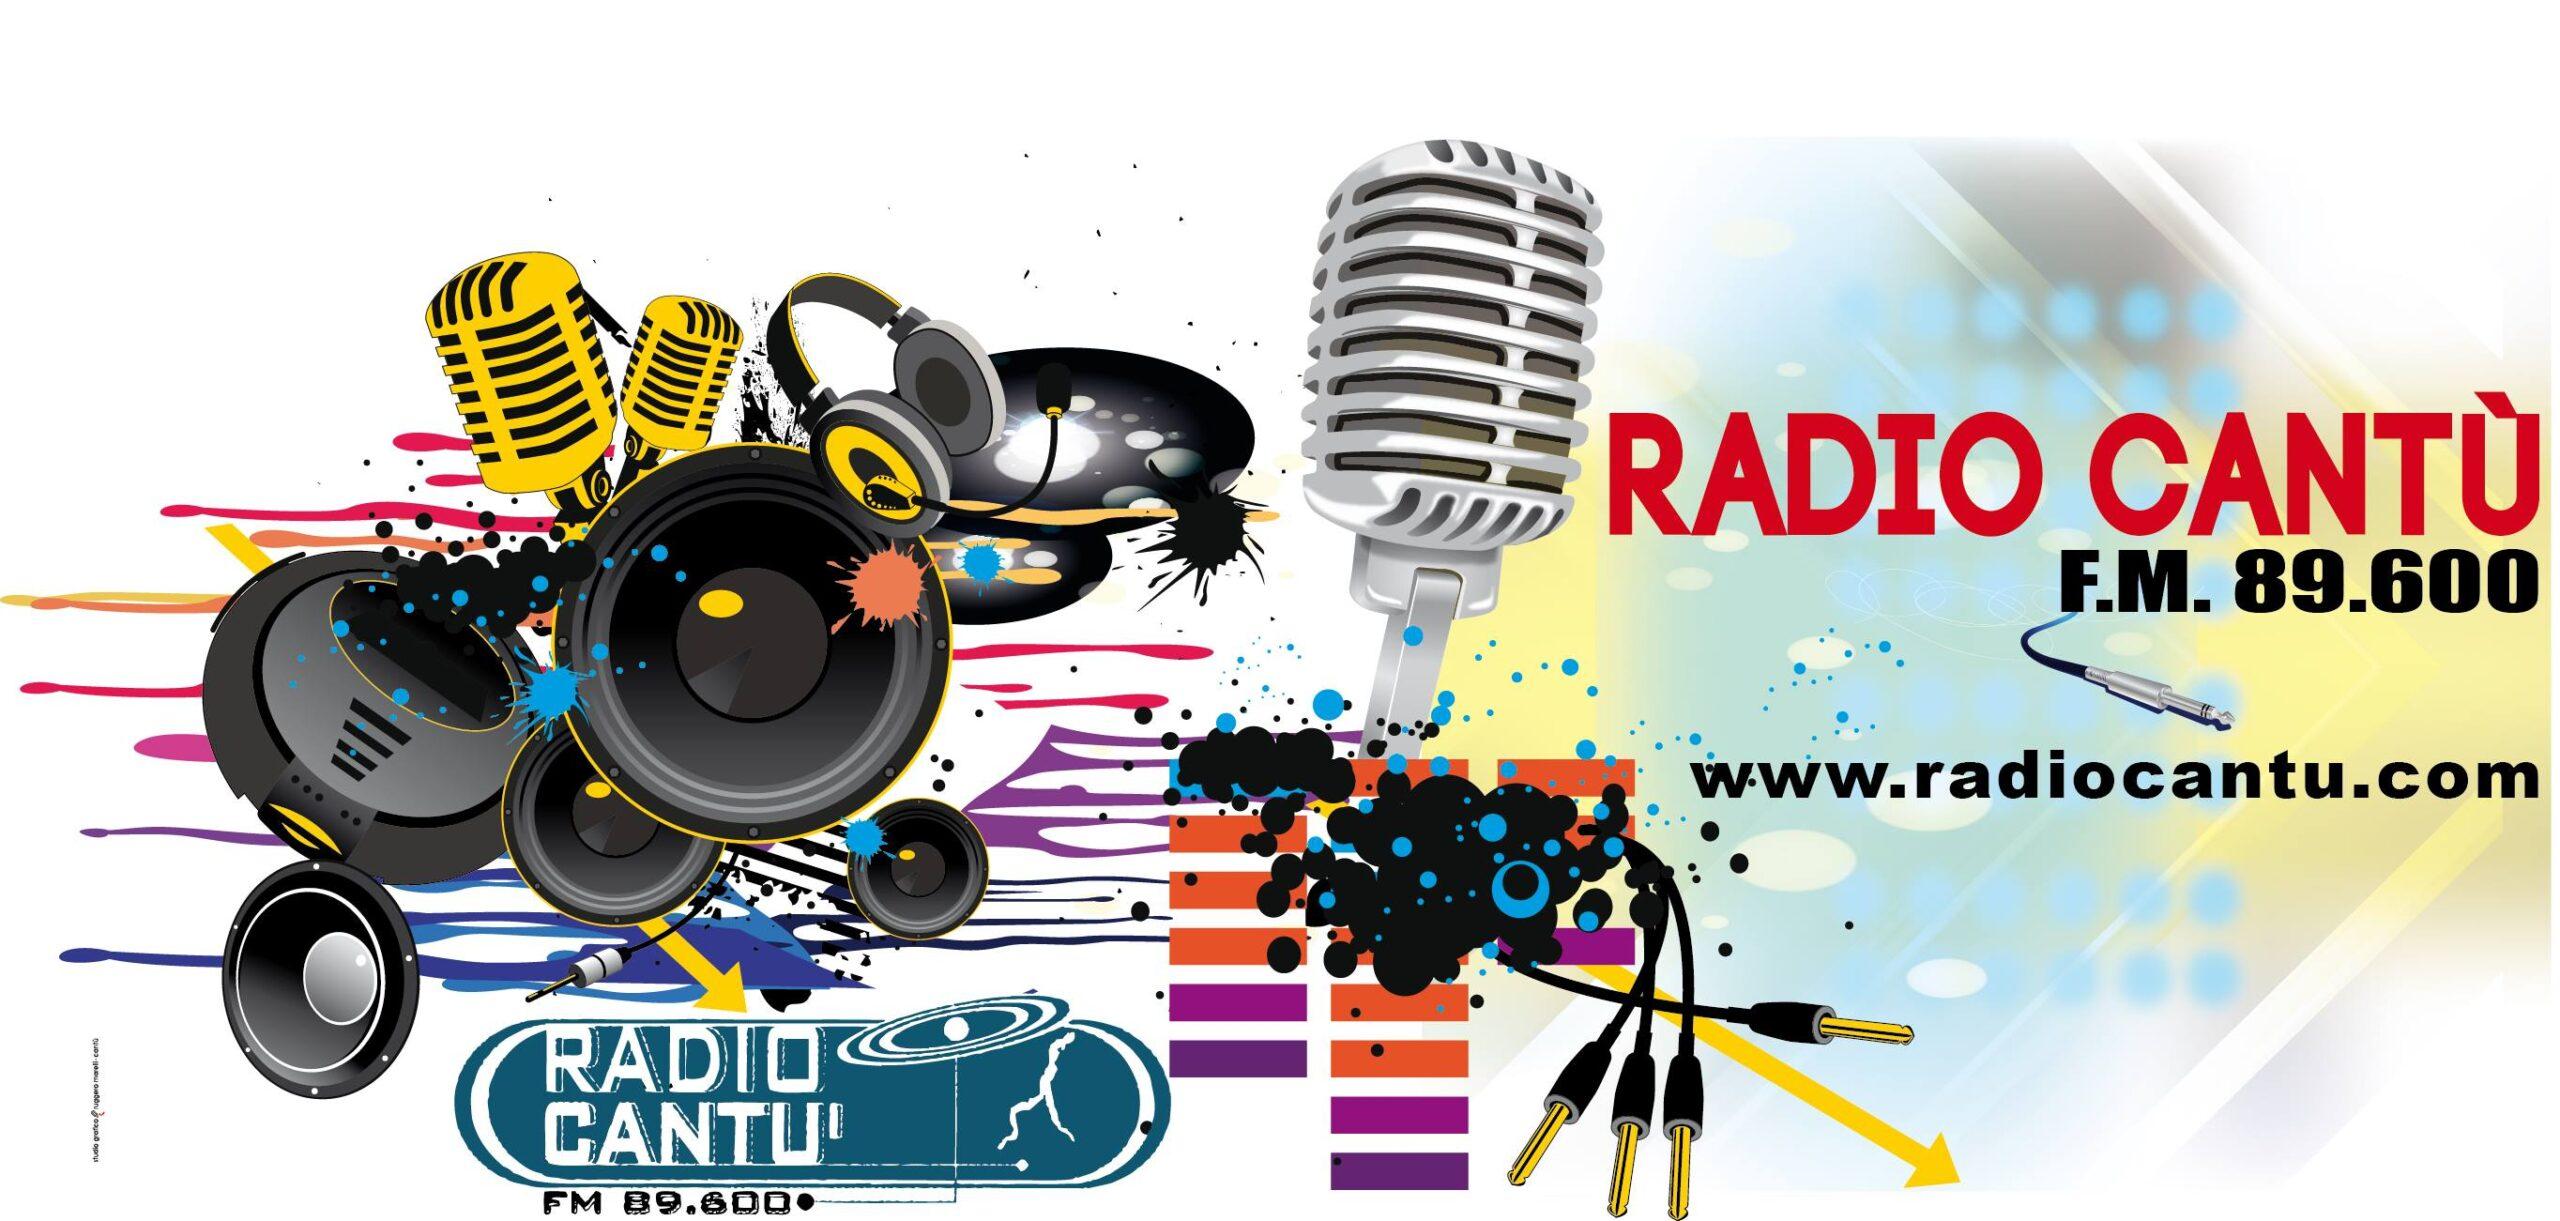 Radio Cantù F.M. 89.600